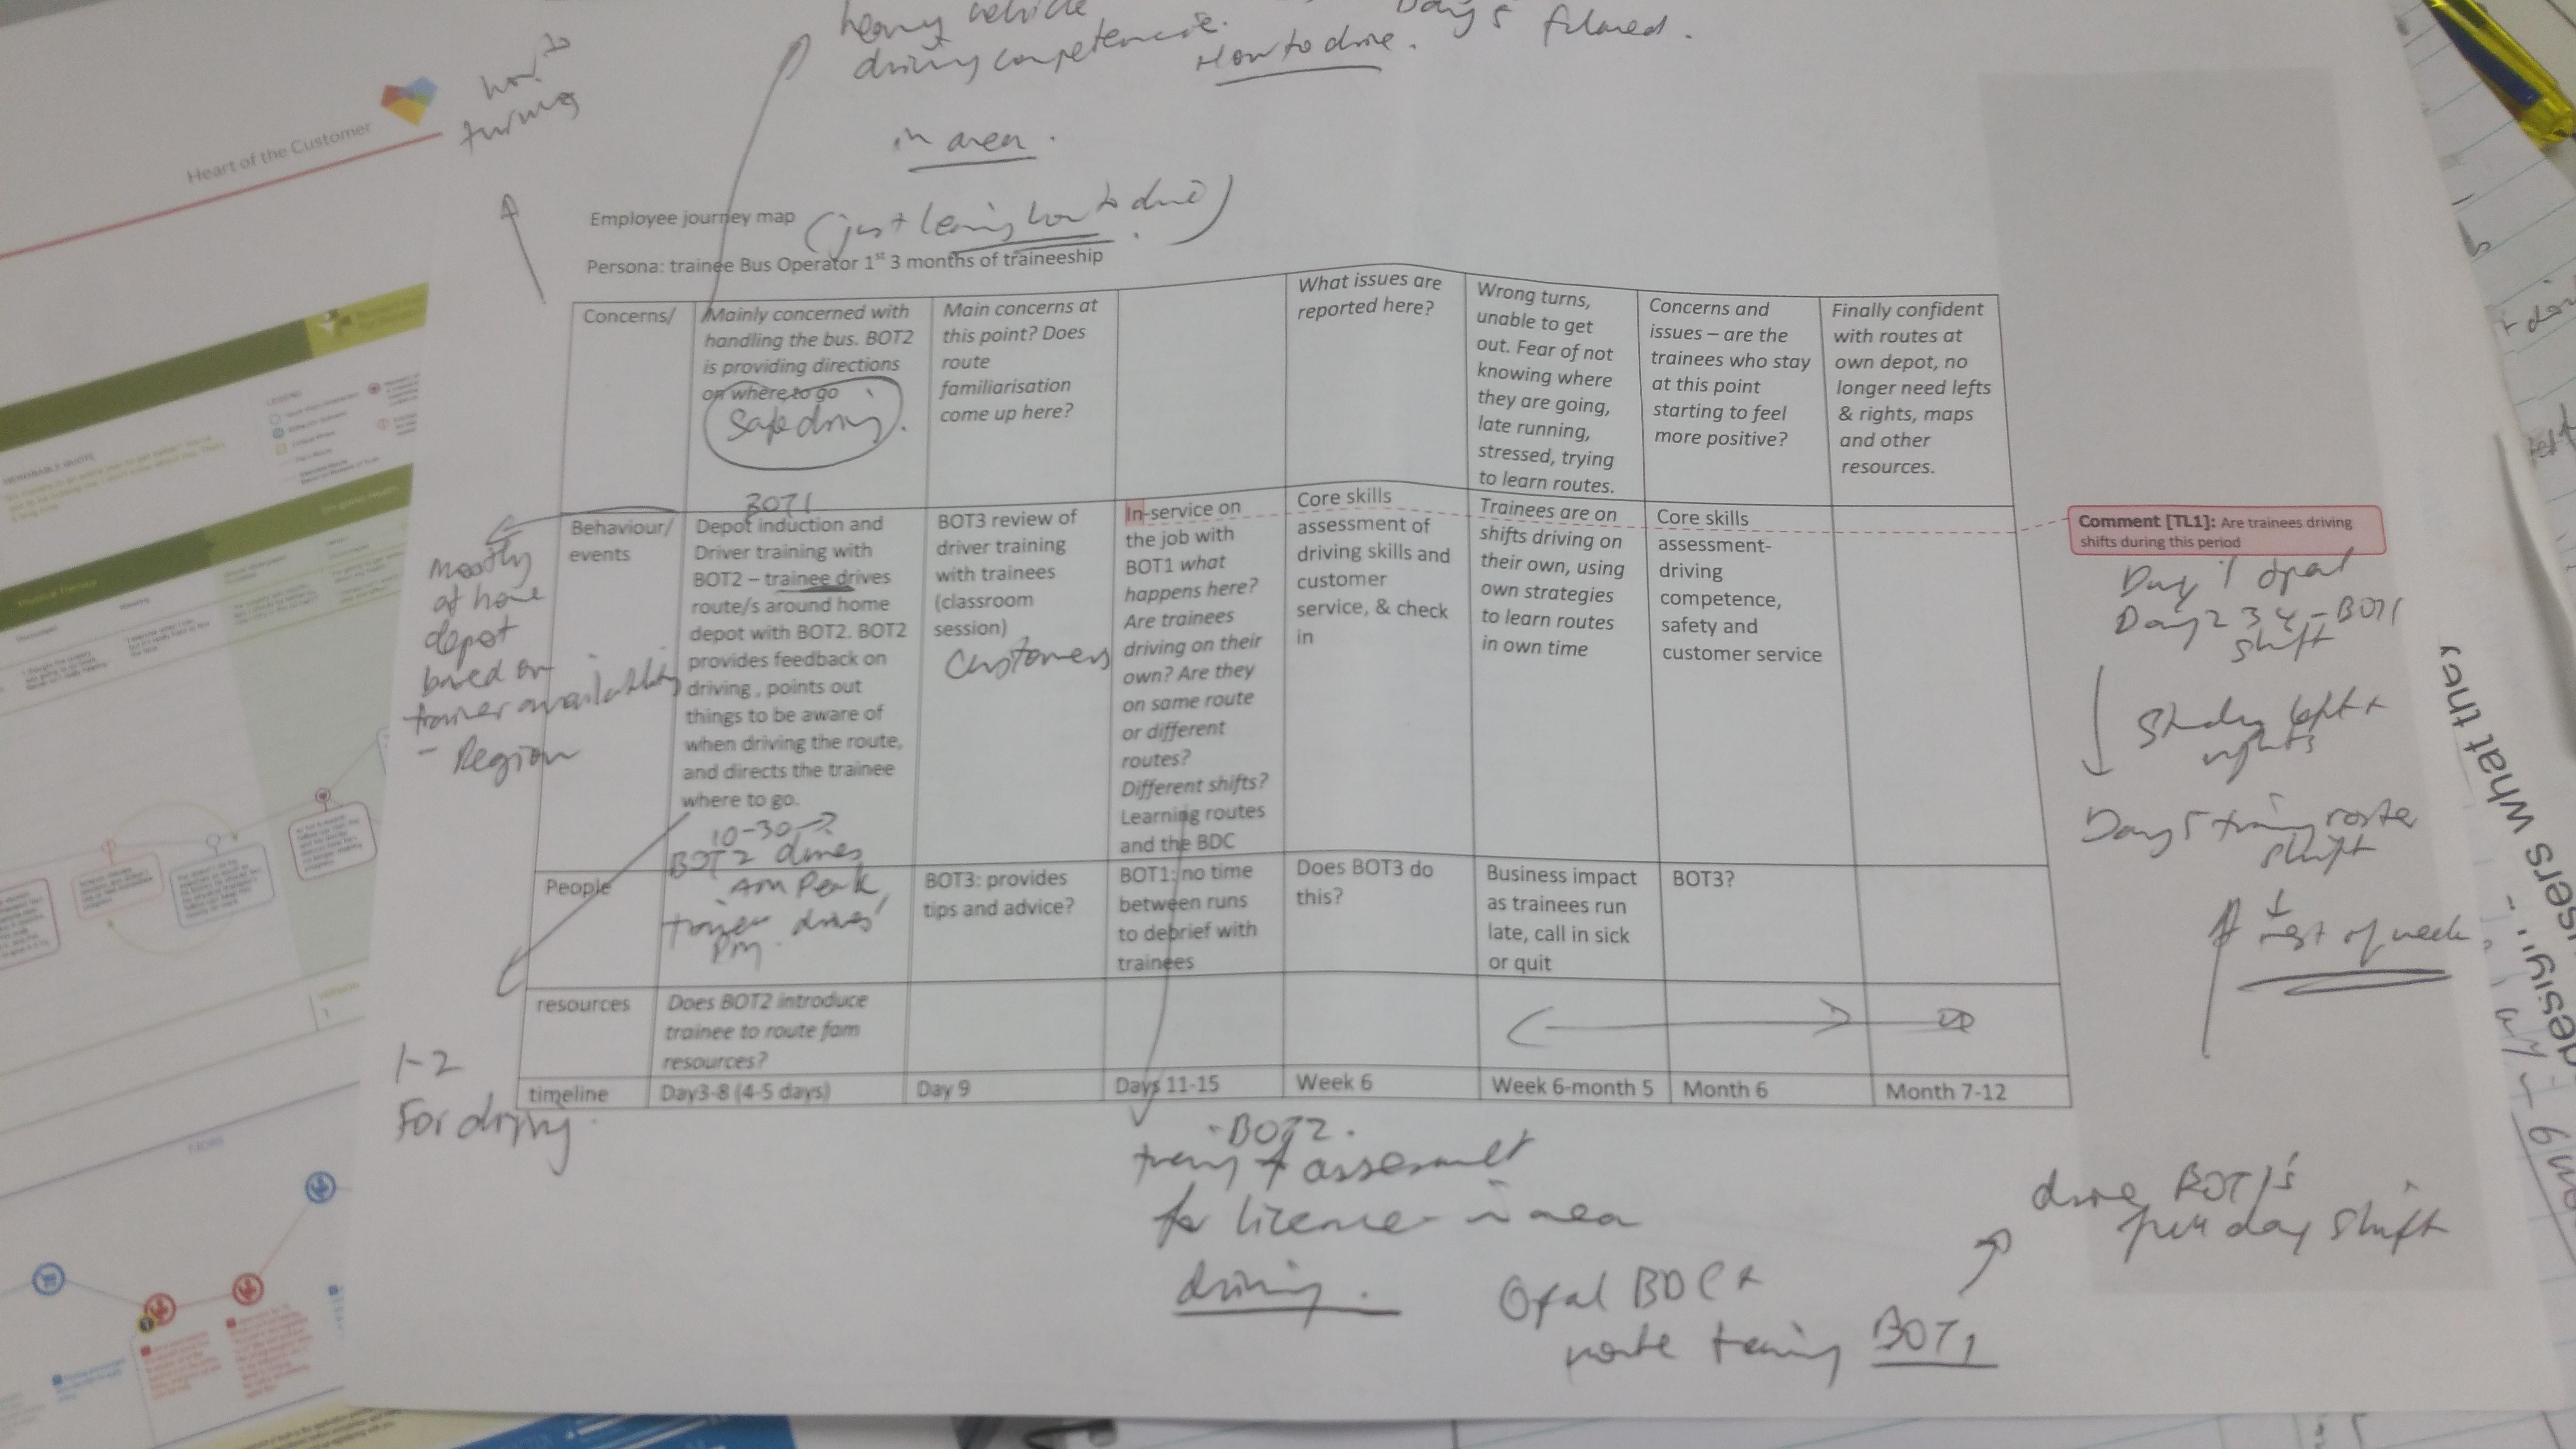 initialmap_notes